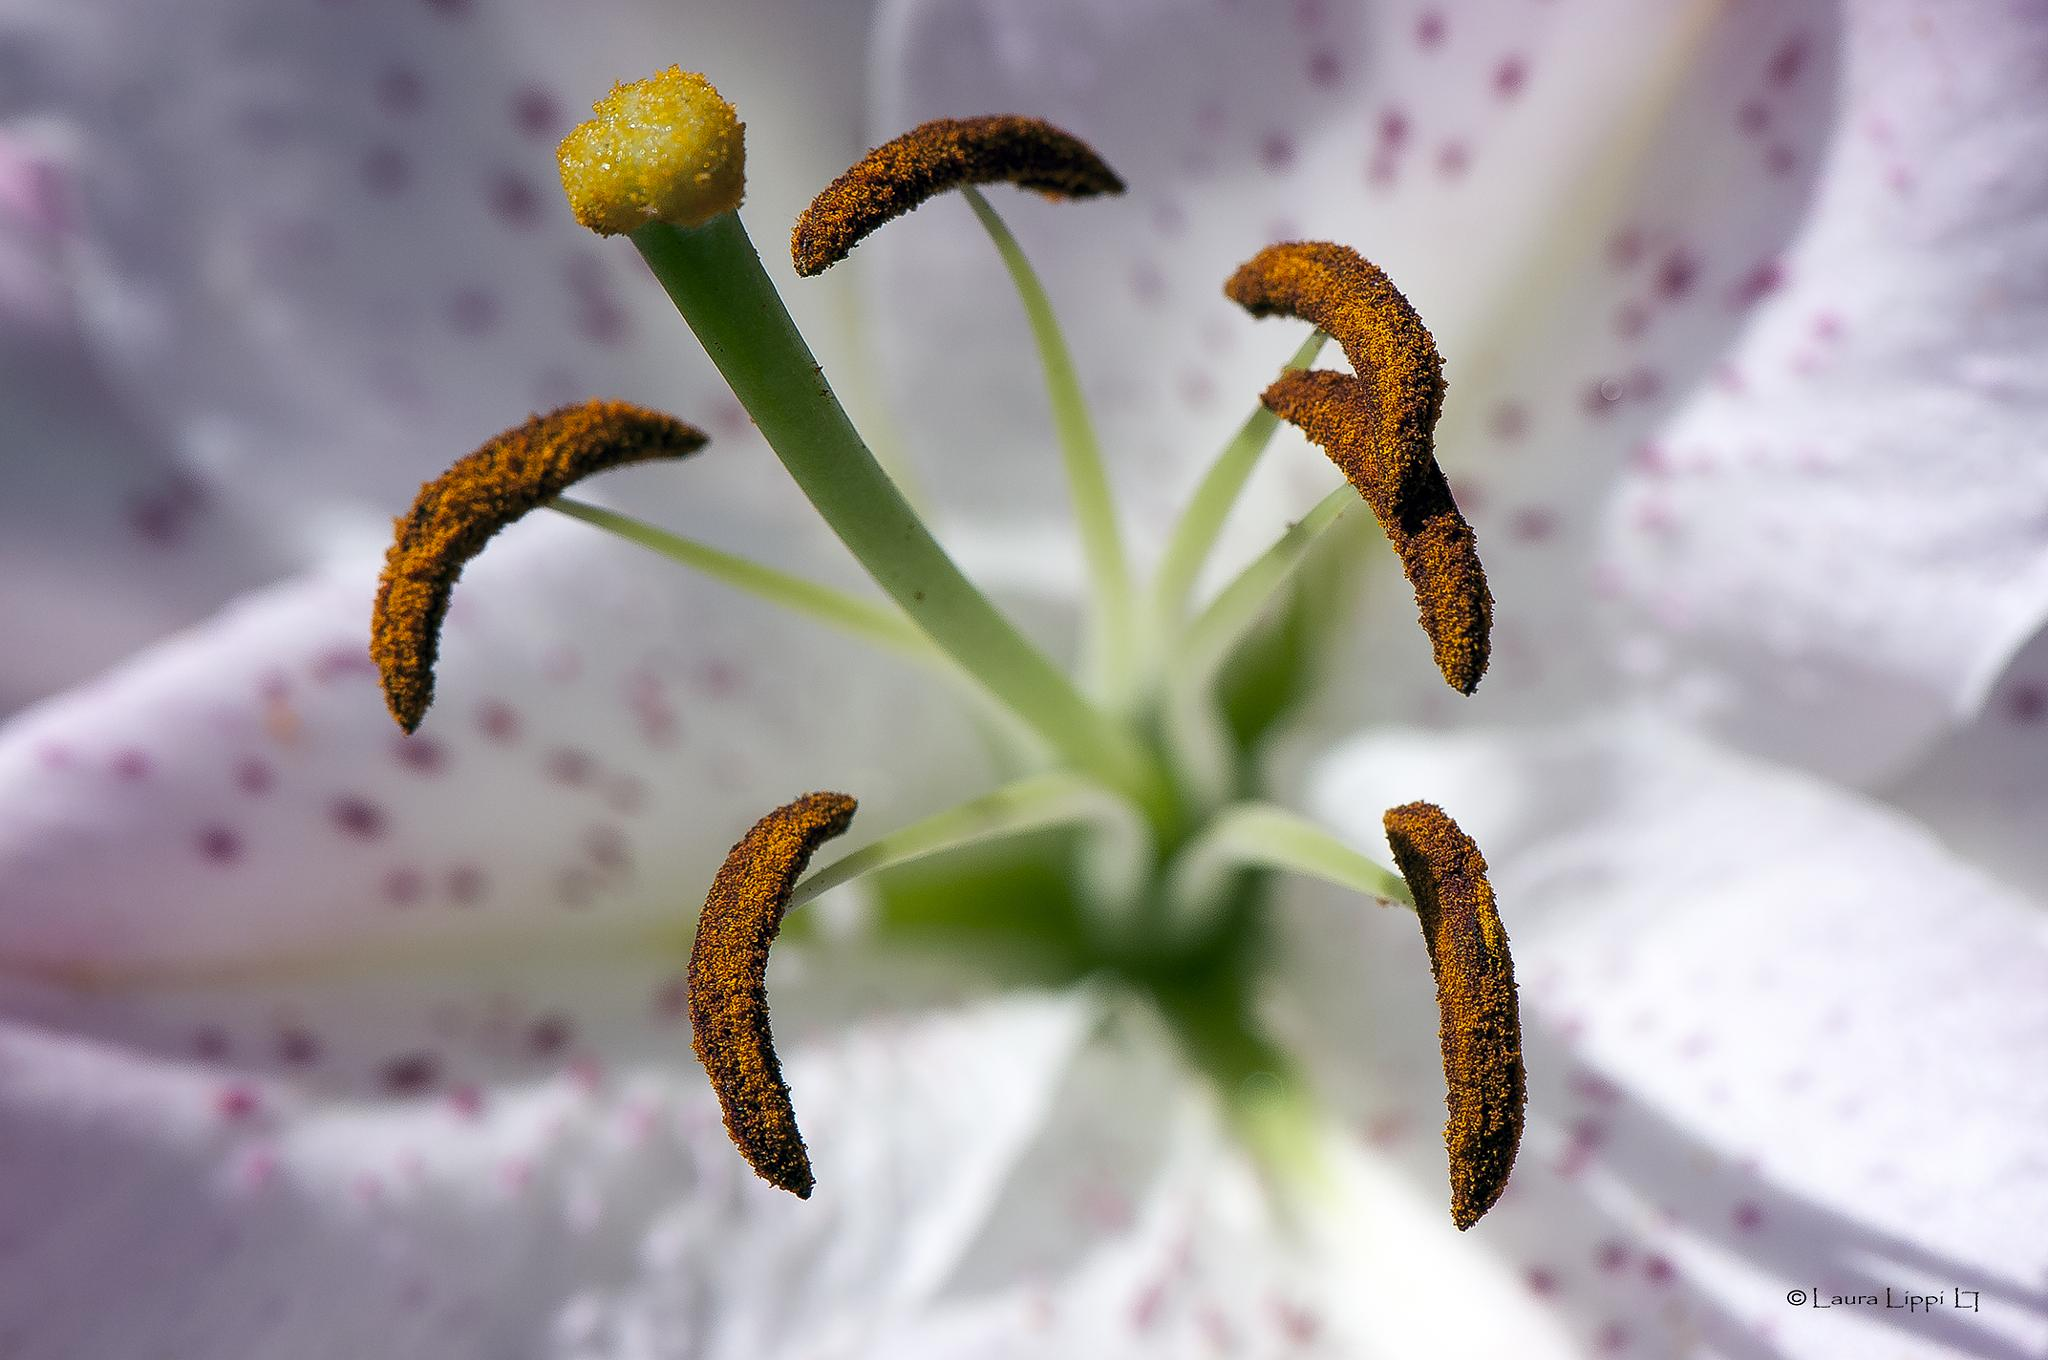 Pollen by LauraLippi